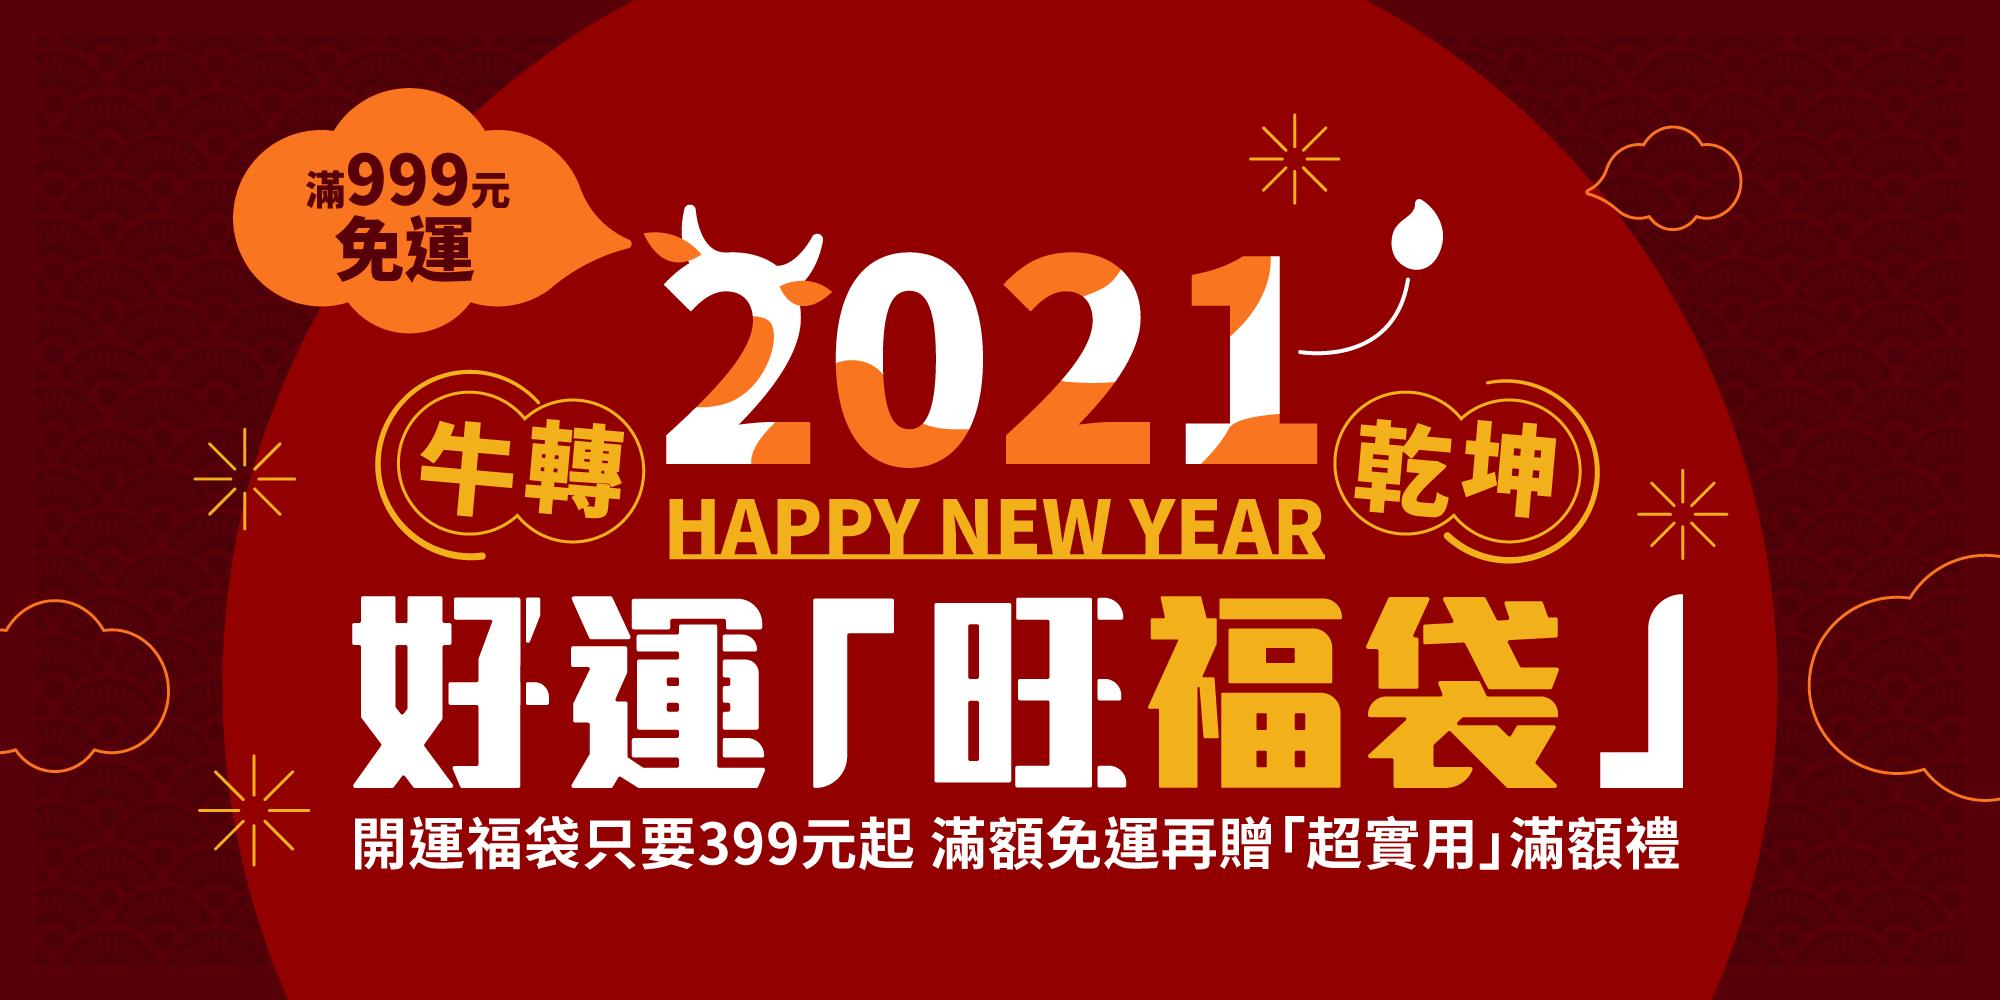 迎接2021【牛轉乾坤 好運旺福袋】